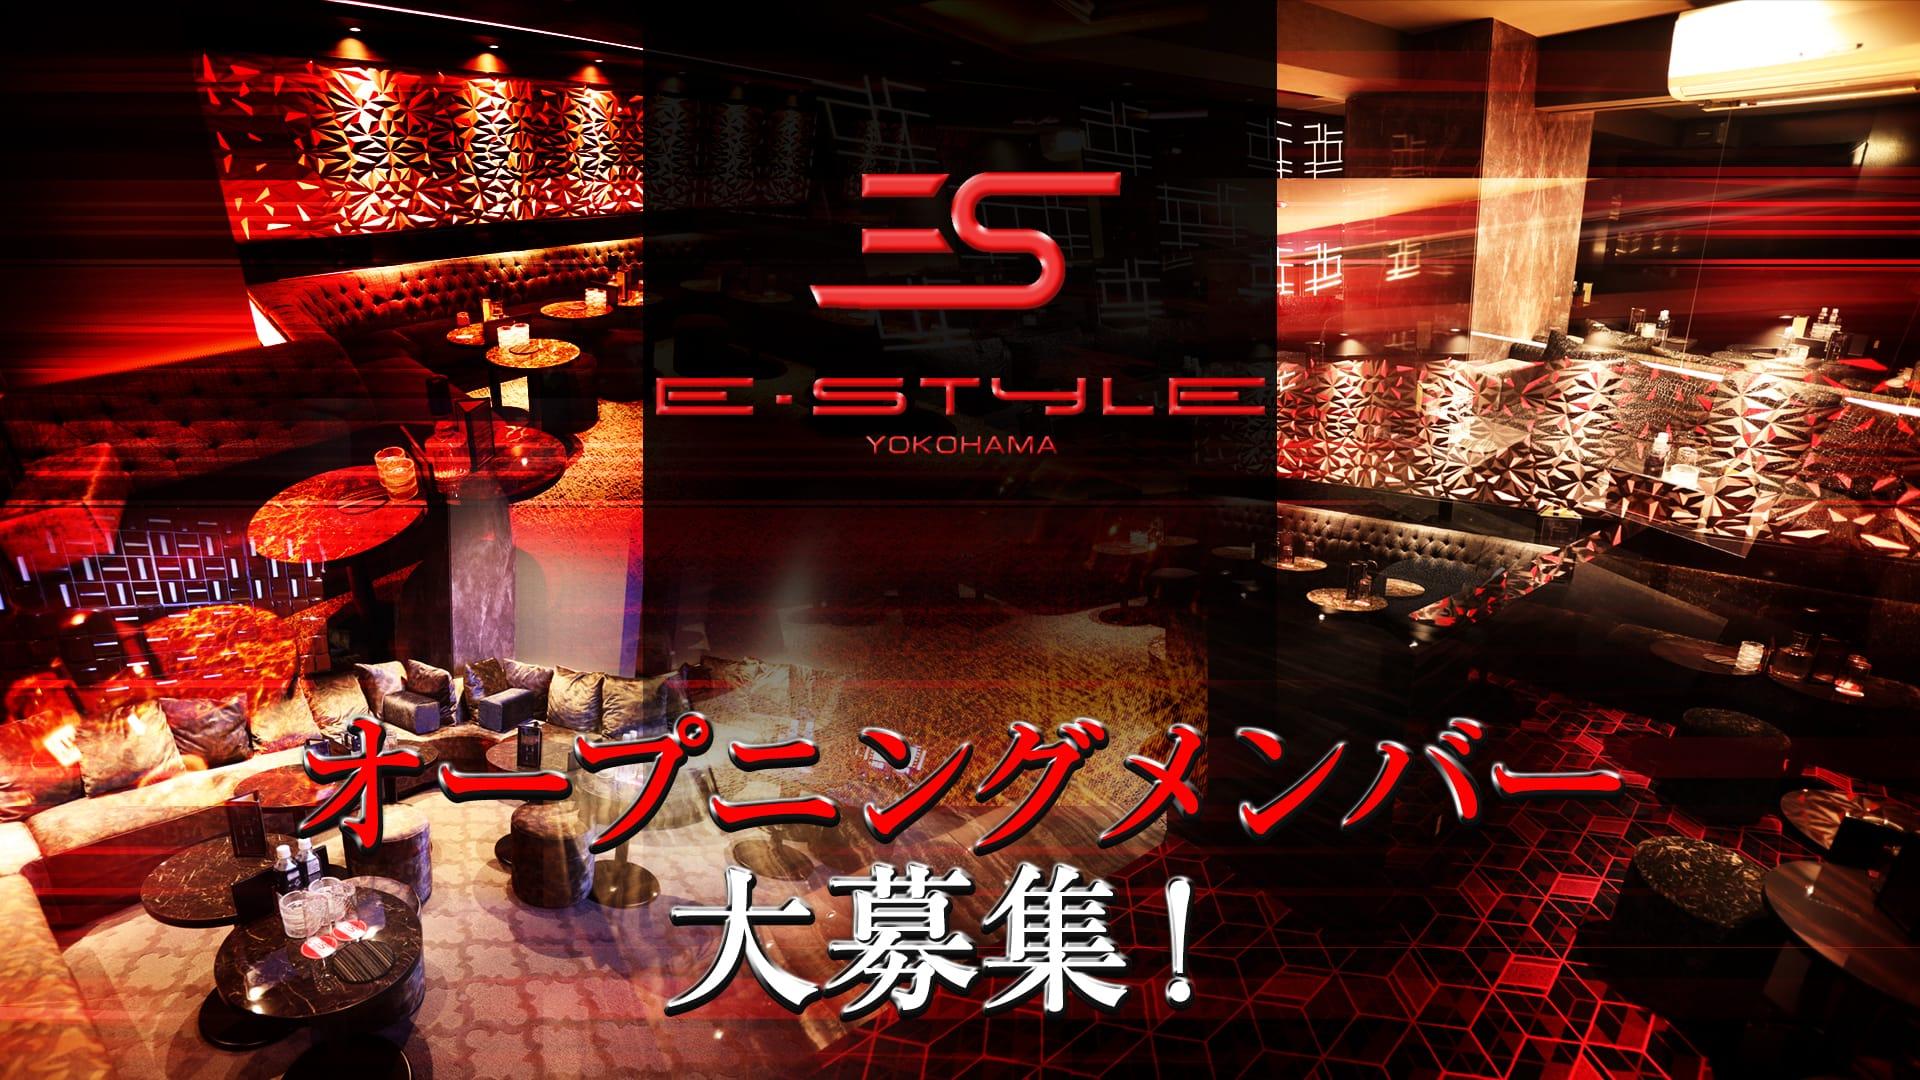 横浜 E-STYLE(イースタイル) 横浜キャバクラ TOP画像